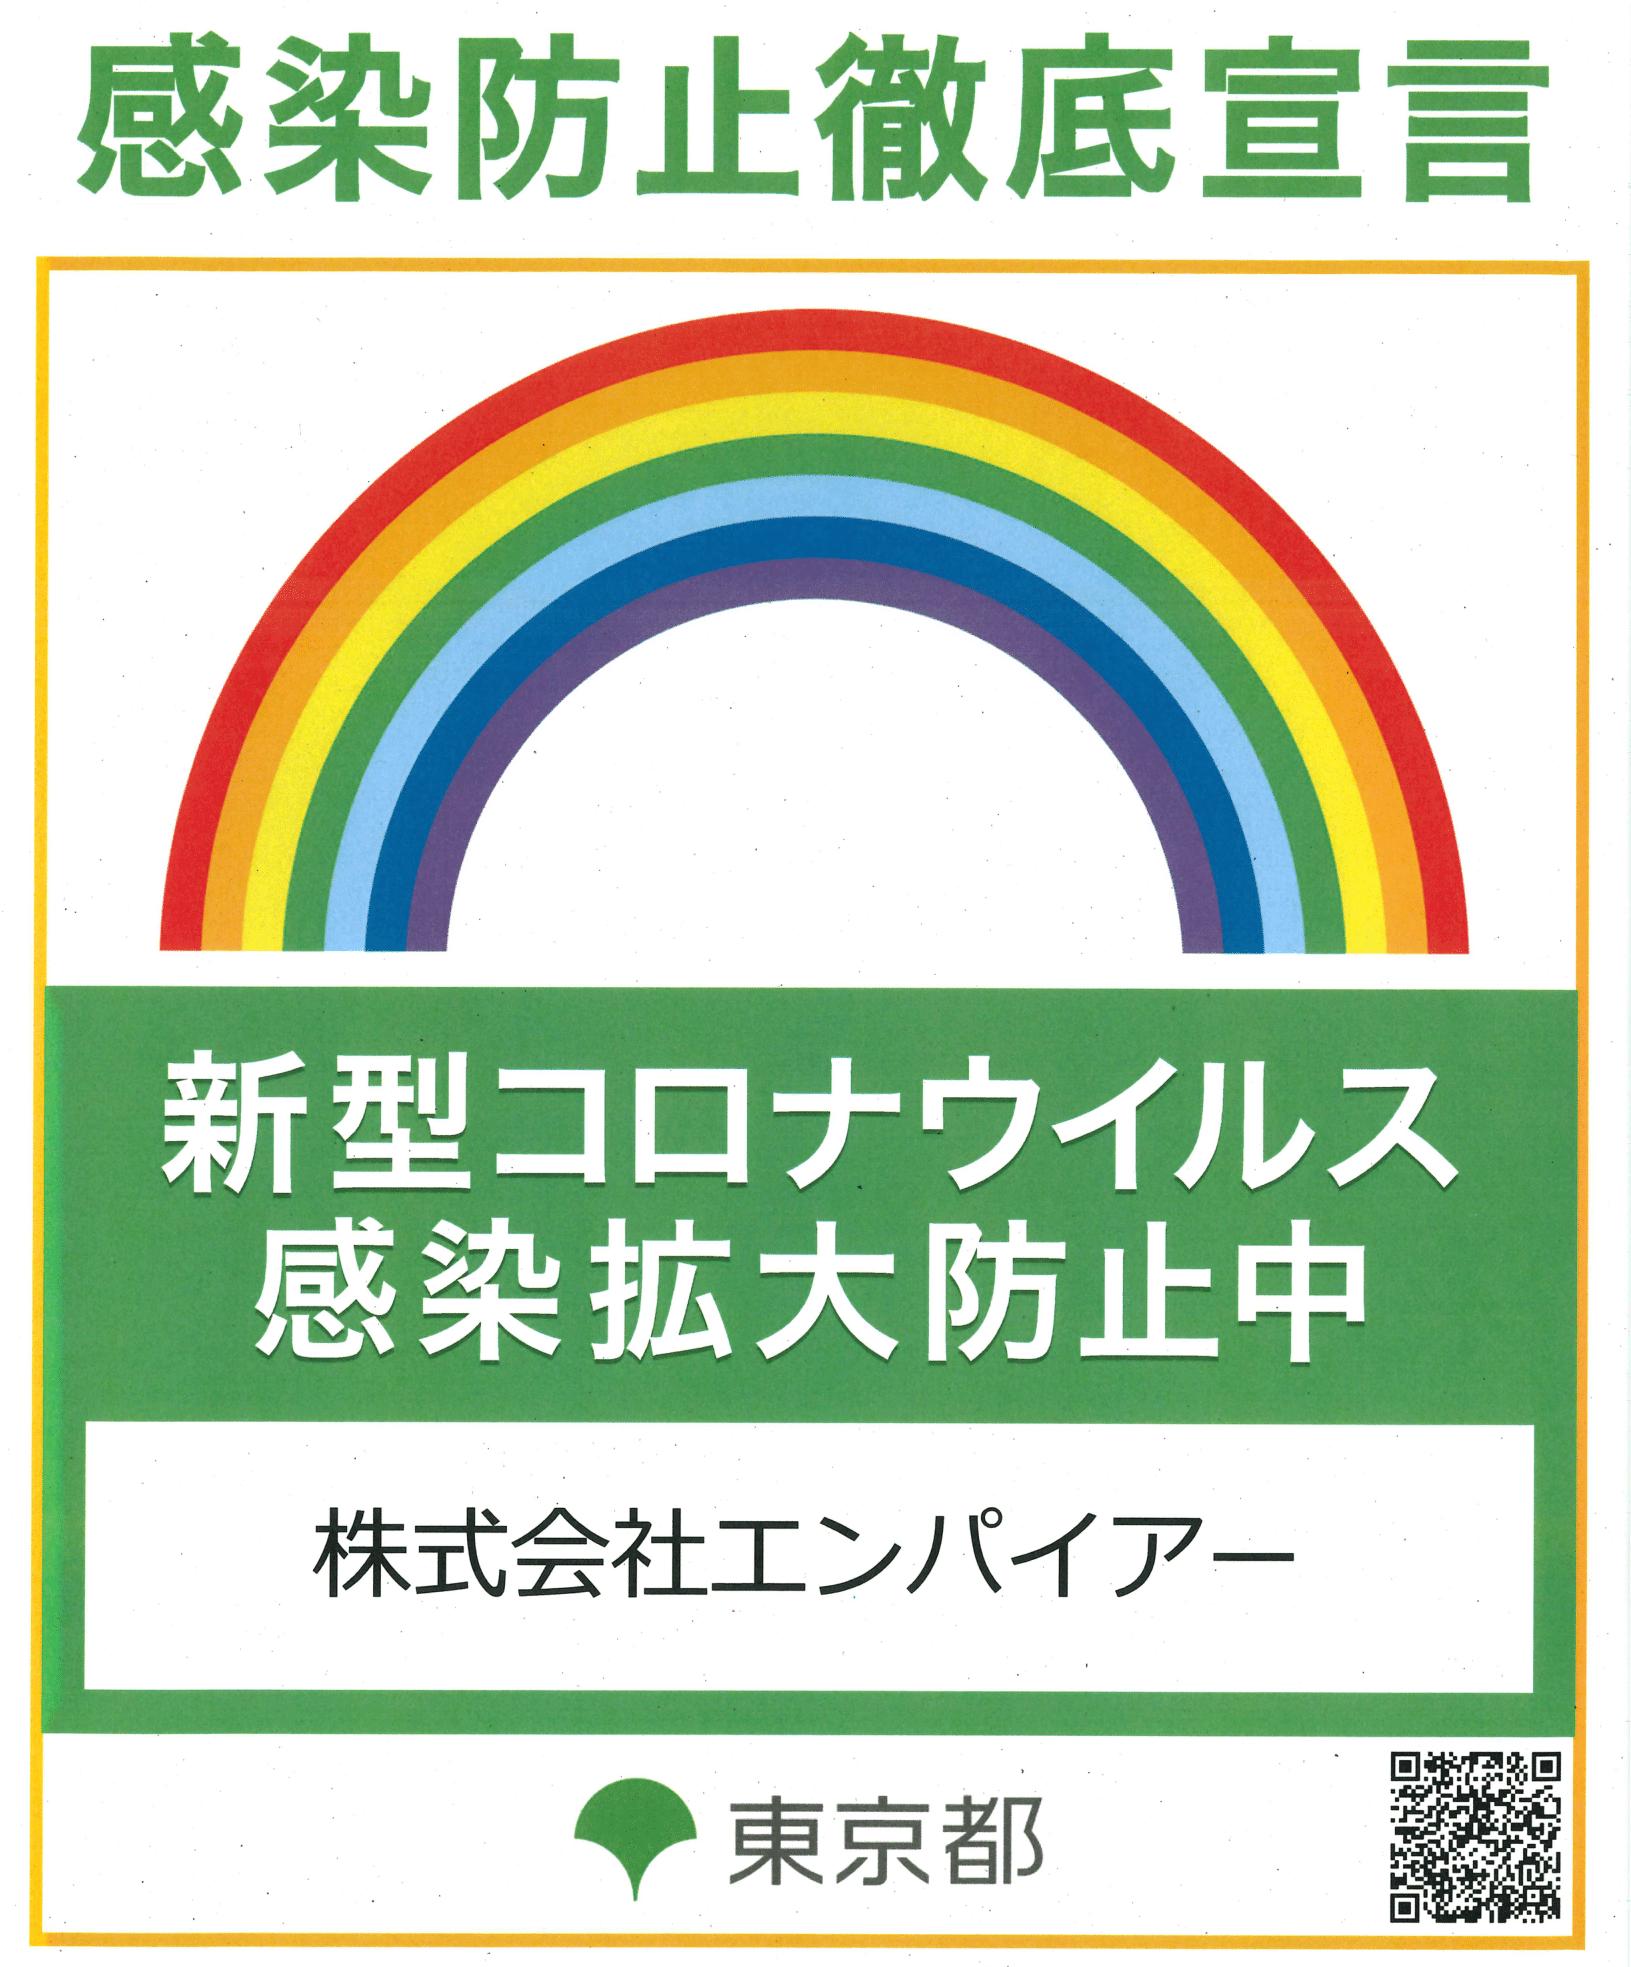 2021.04.24 東京都新型コロナ対策